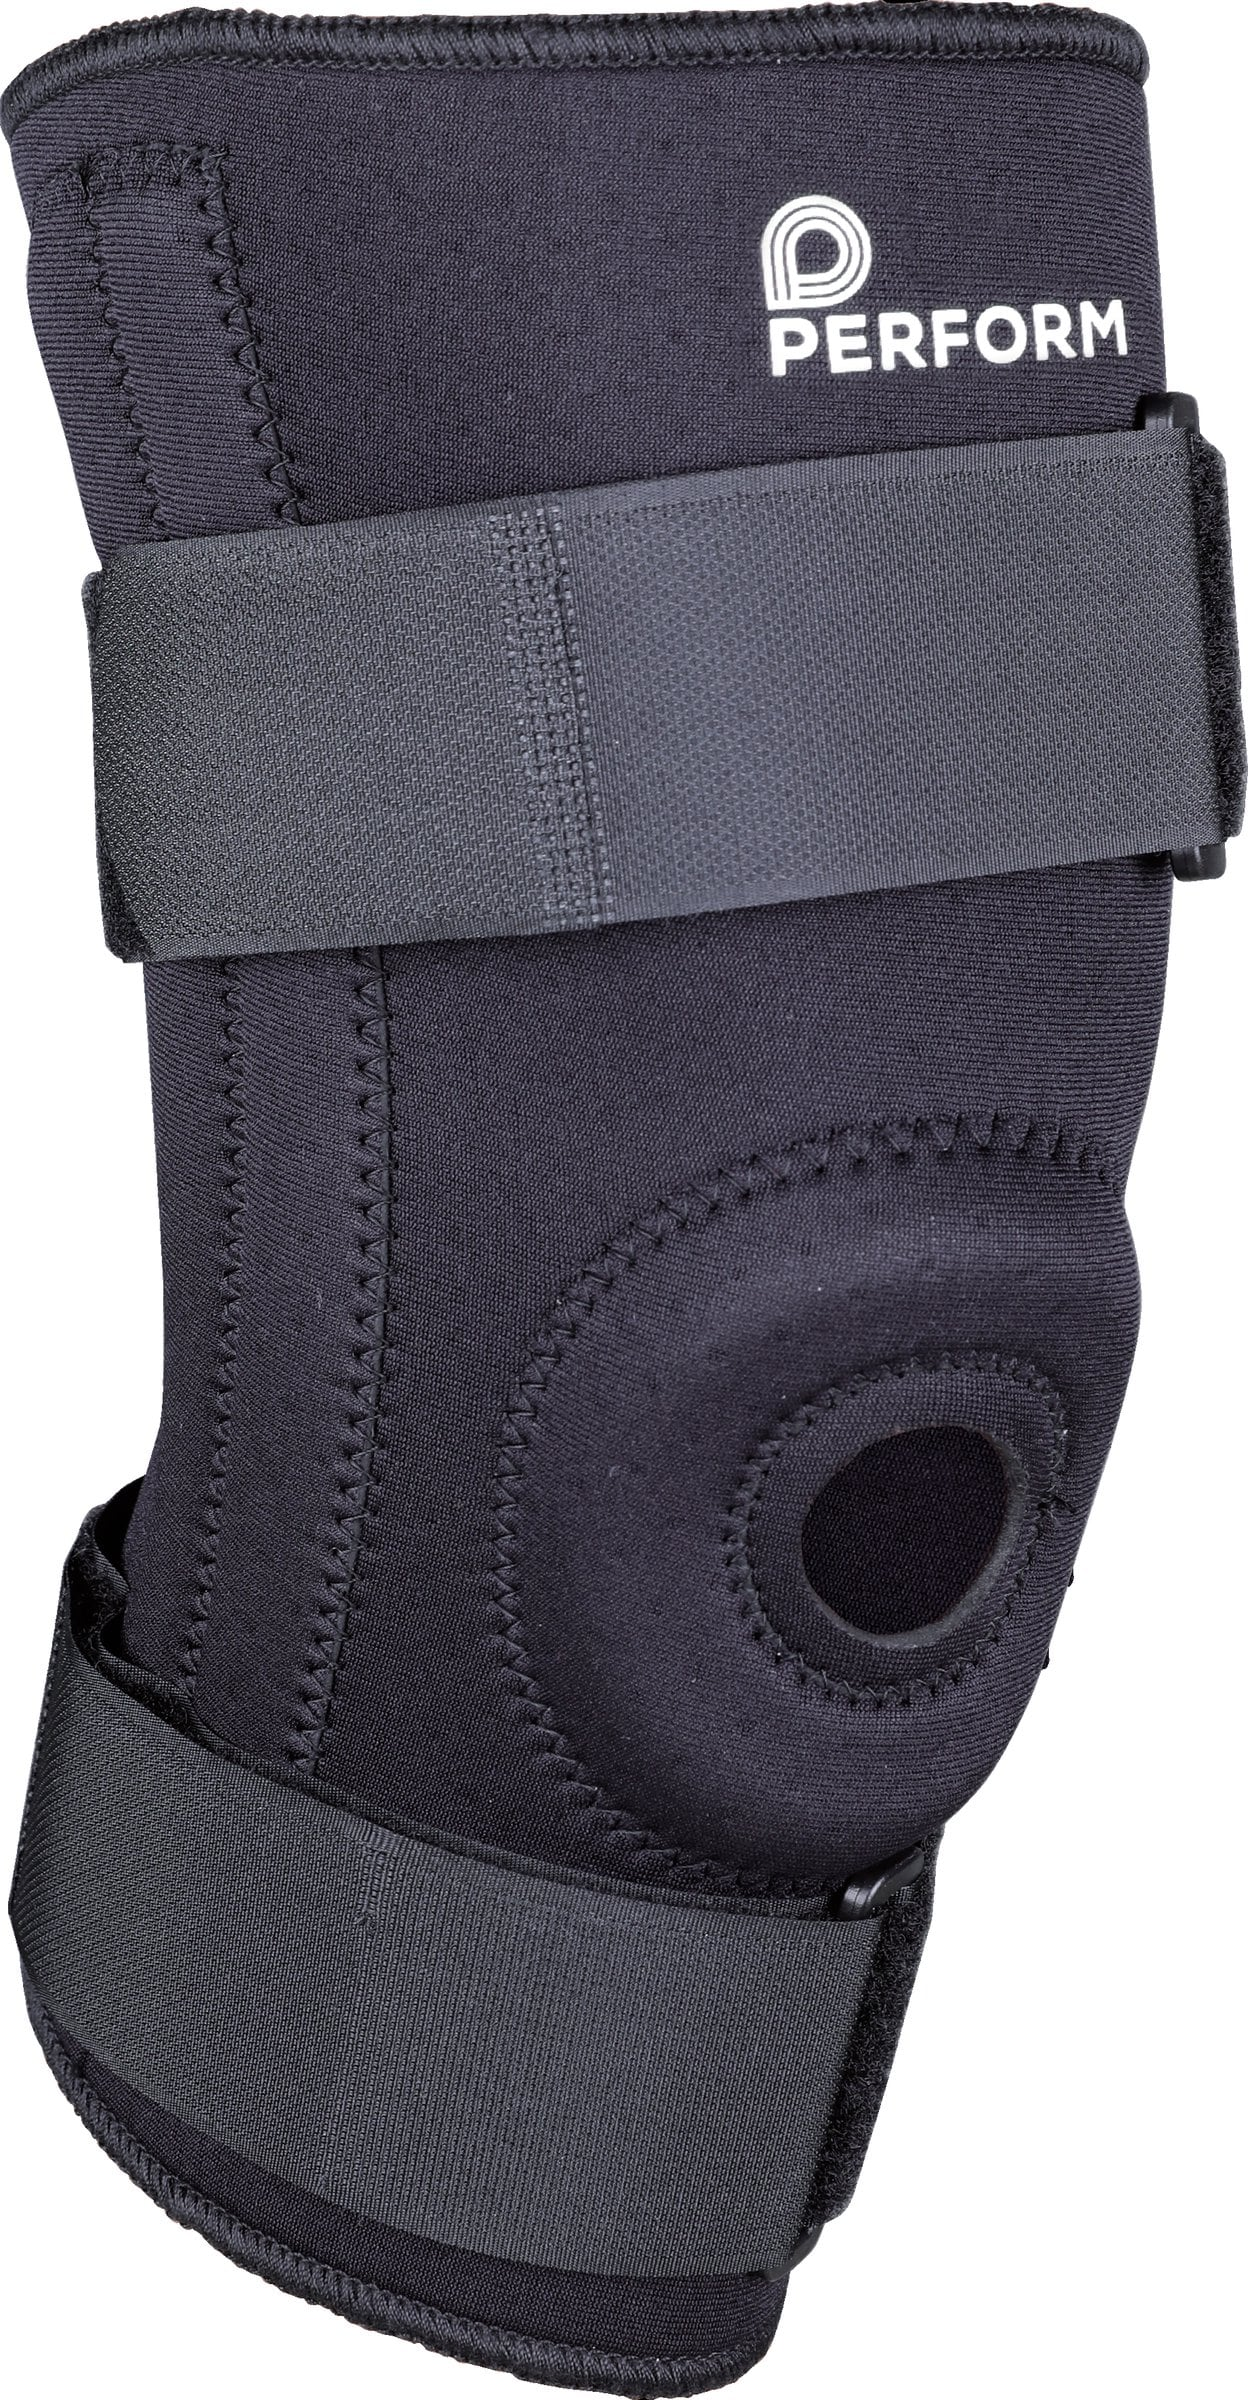 Perform Fascia per ginocchio con silicone